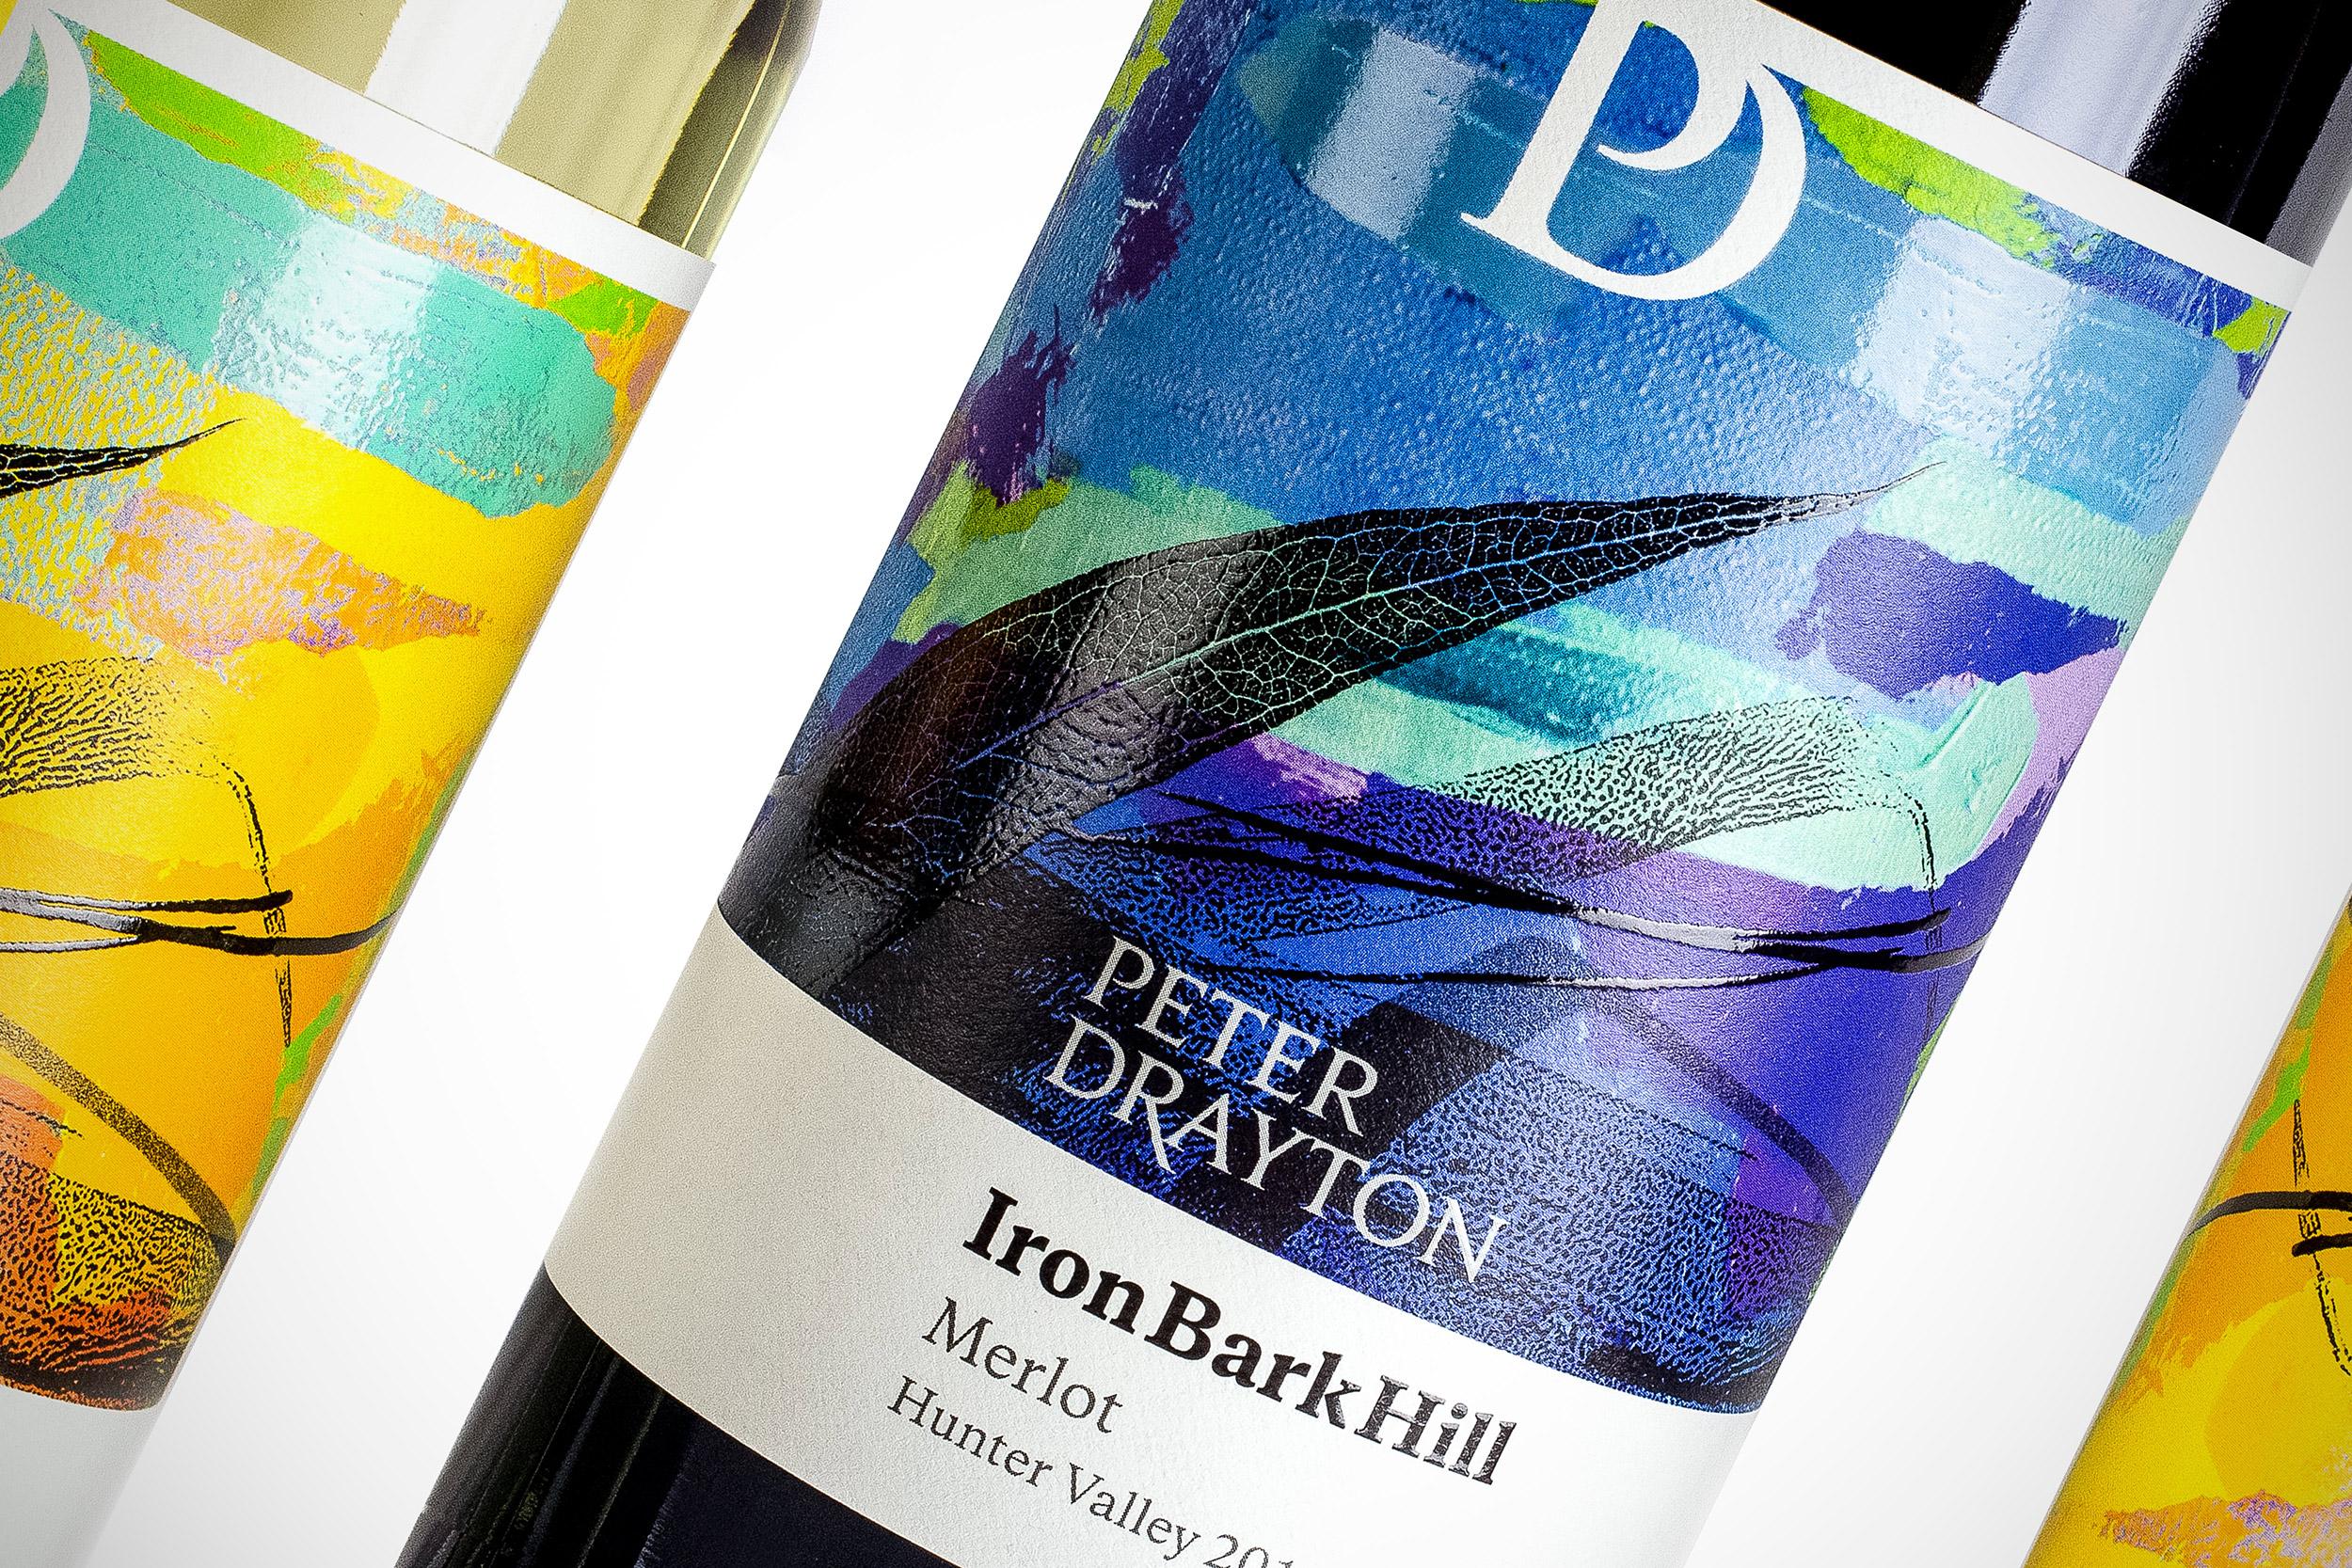 Harcus-Peter-Drayton—Iron-Bark-CloseUp-03.jpg